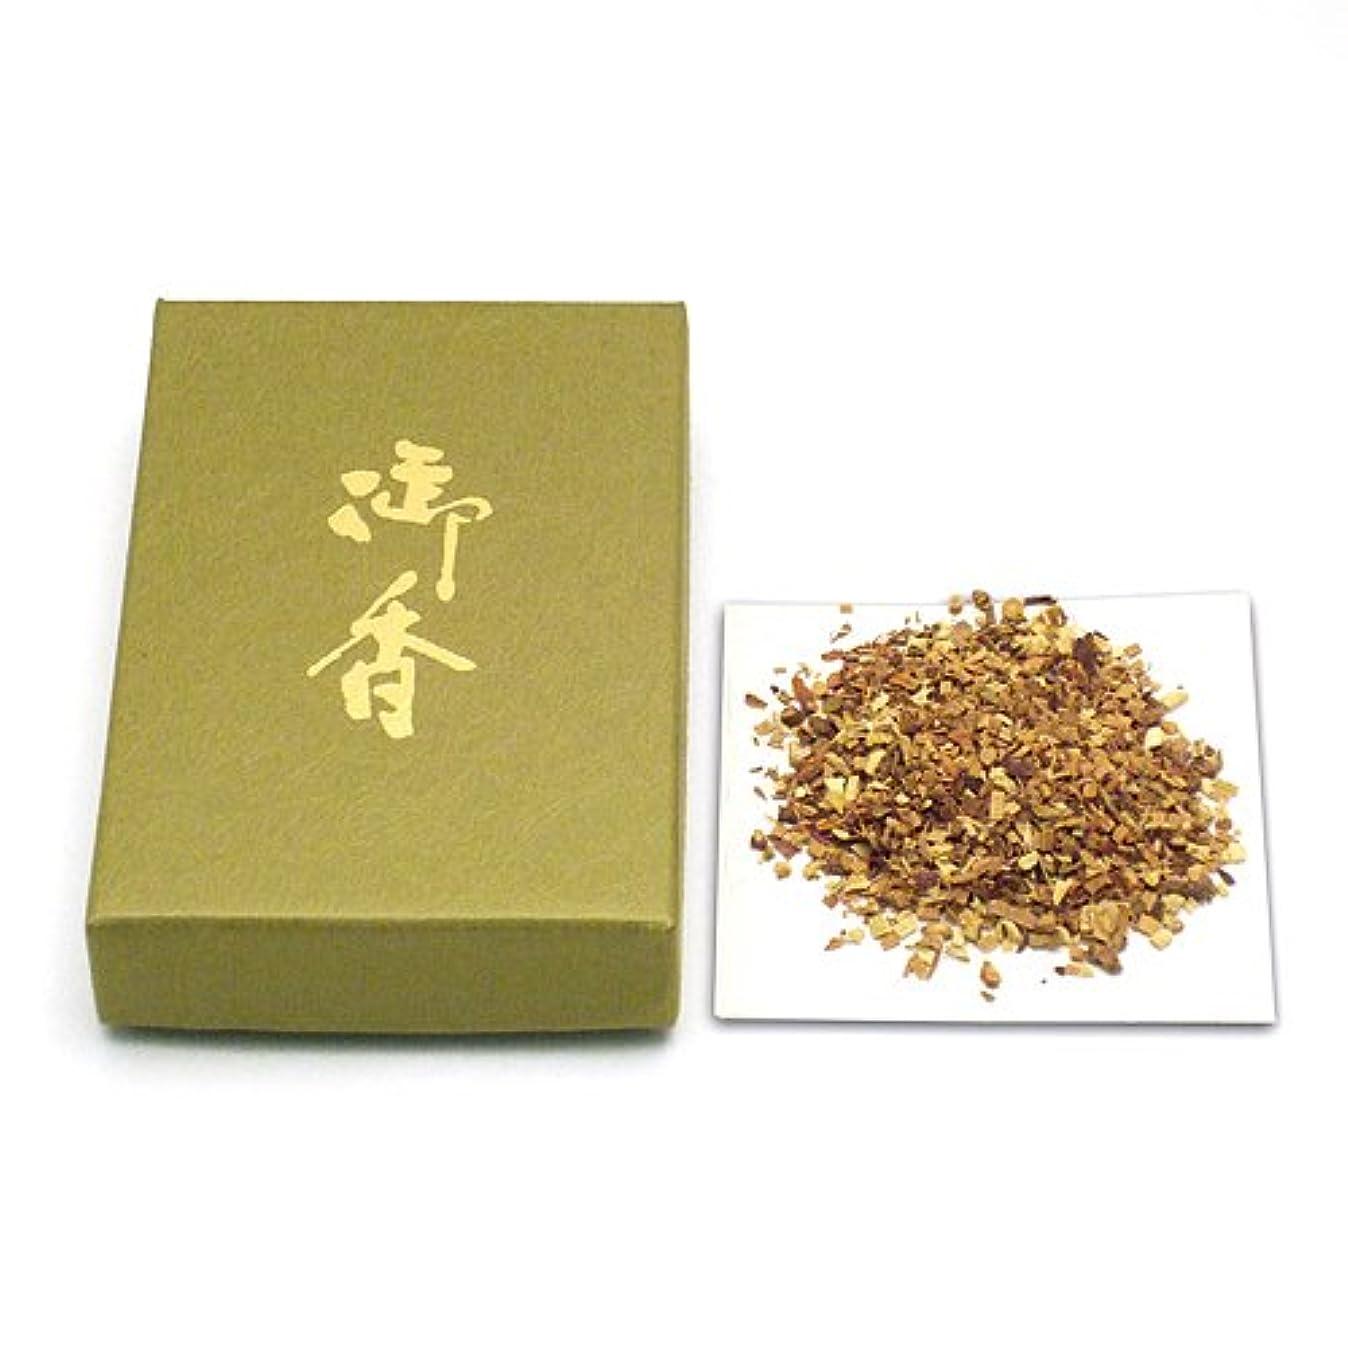 麻酔薬終わり豊かな焼香用御香 超徳印 25g◆お焼香用の御香